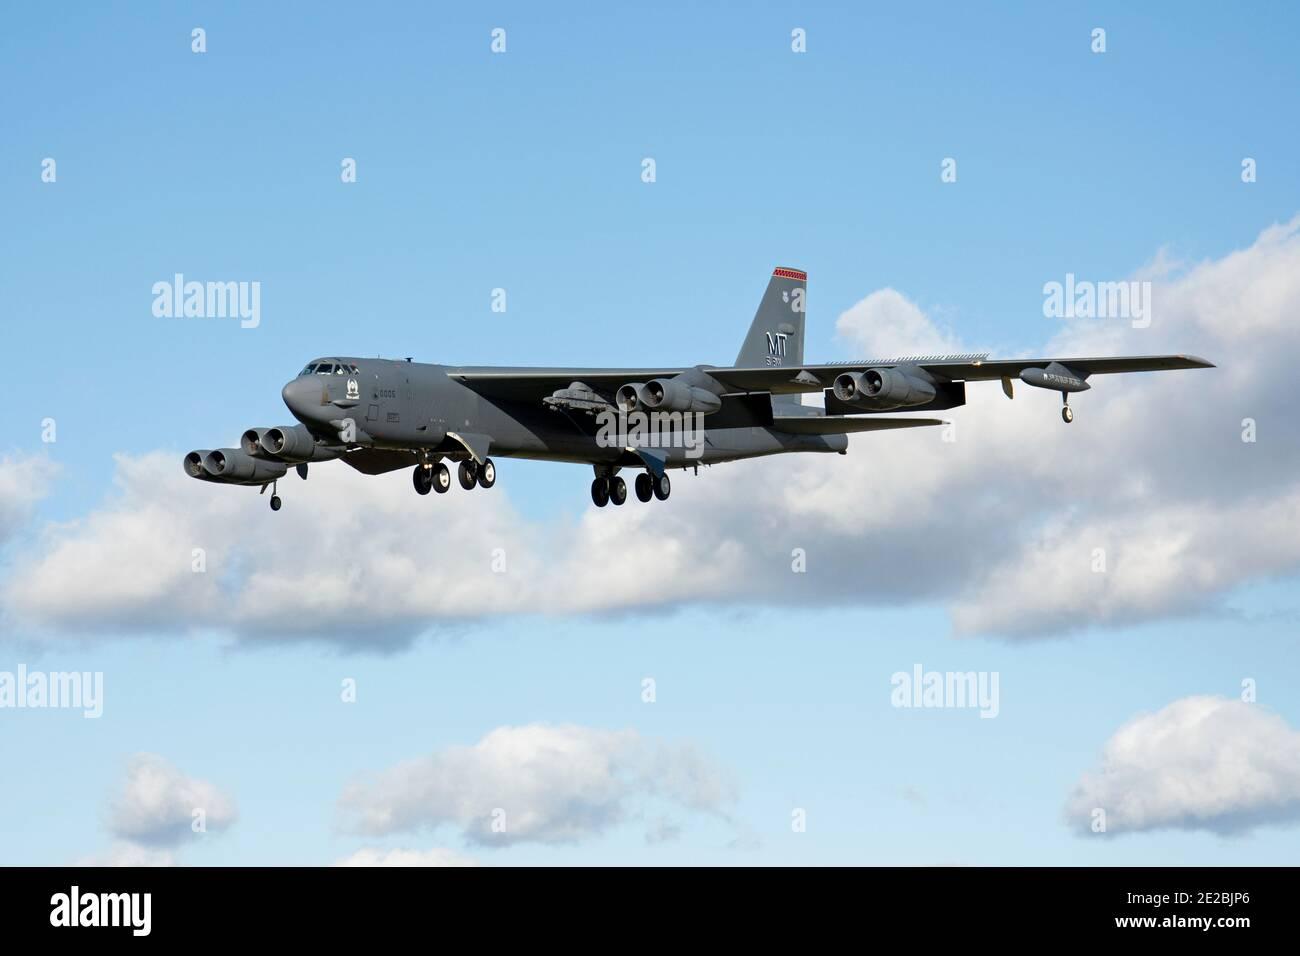 Boeing B-52H Stratoforteresse, 60-0005, codé 'mit' de la 5e Escadre Bomb, atterrissage de l'Armée de l'air des États-Unis à la RAF Fairford, en Angleterre. Banque D'Images